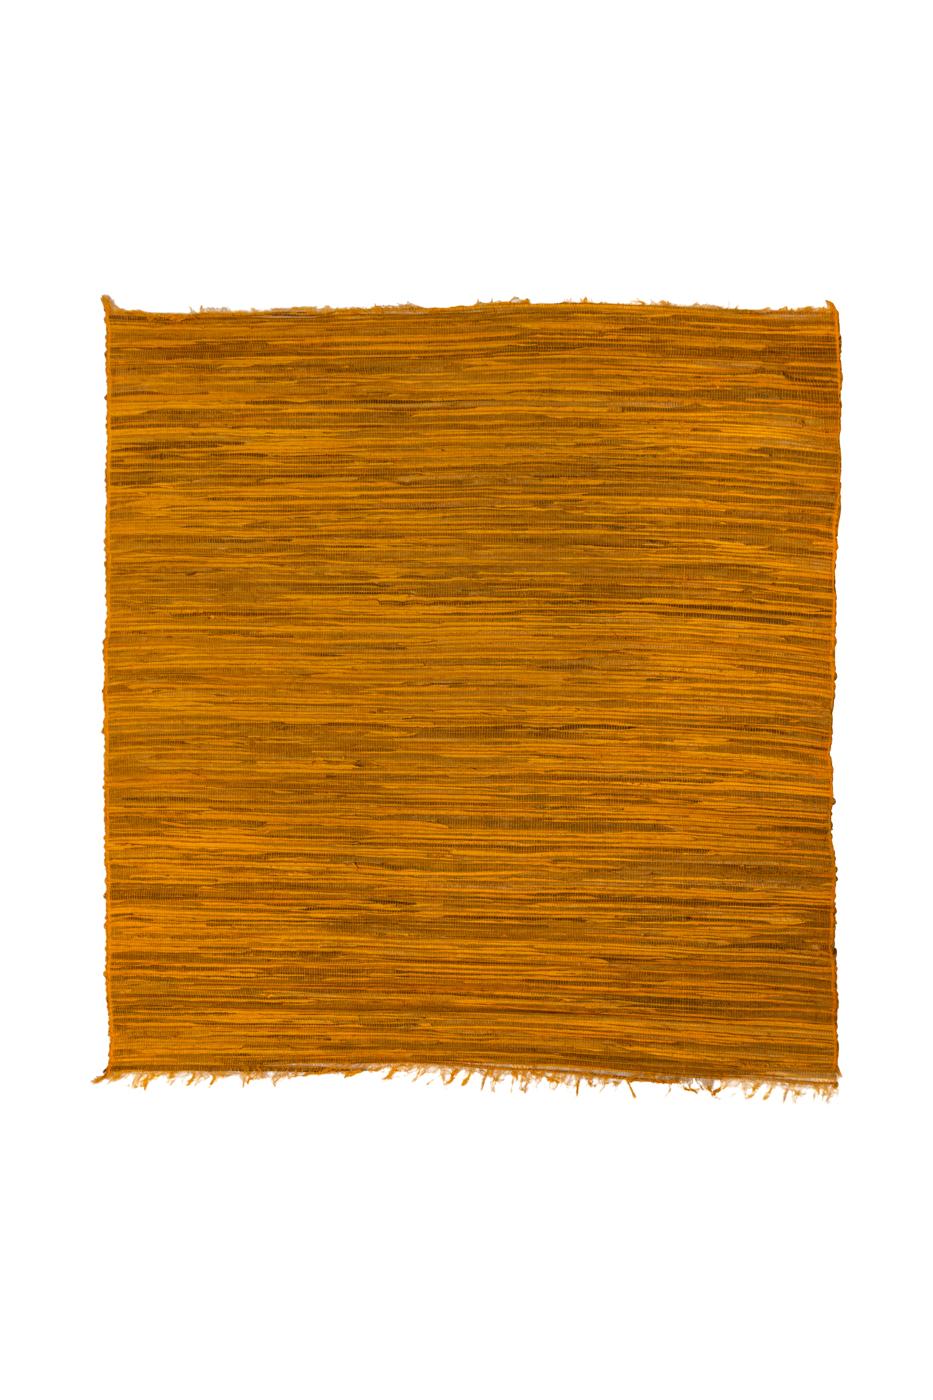 Yellow bamboo mat